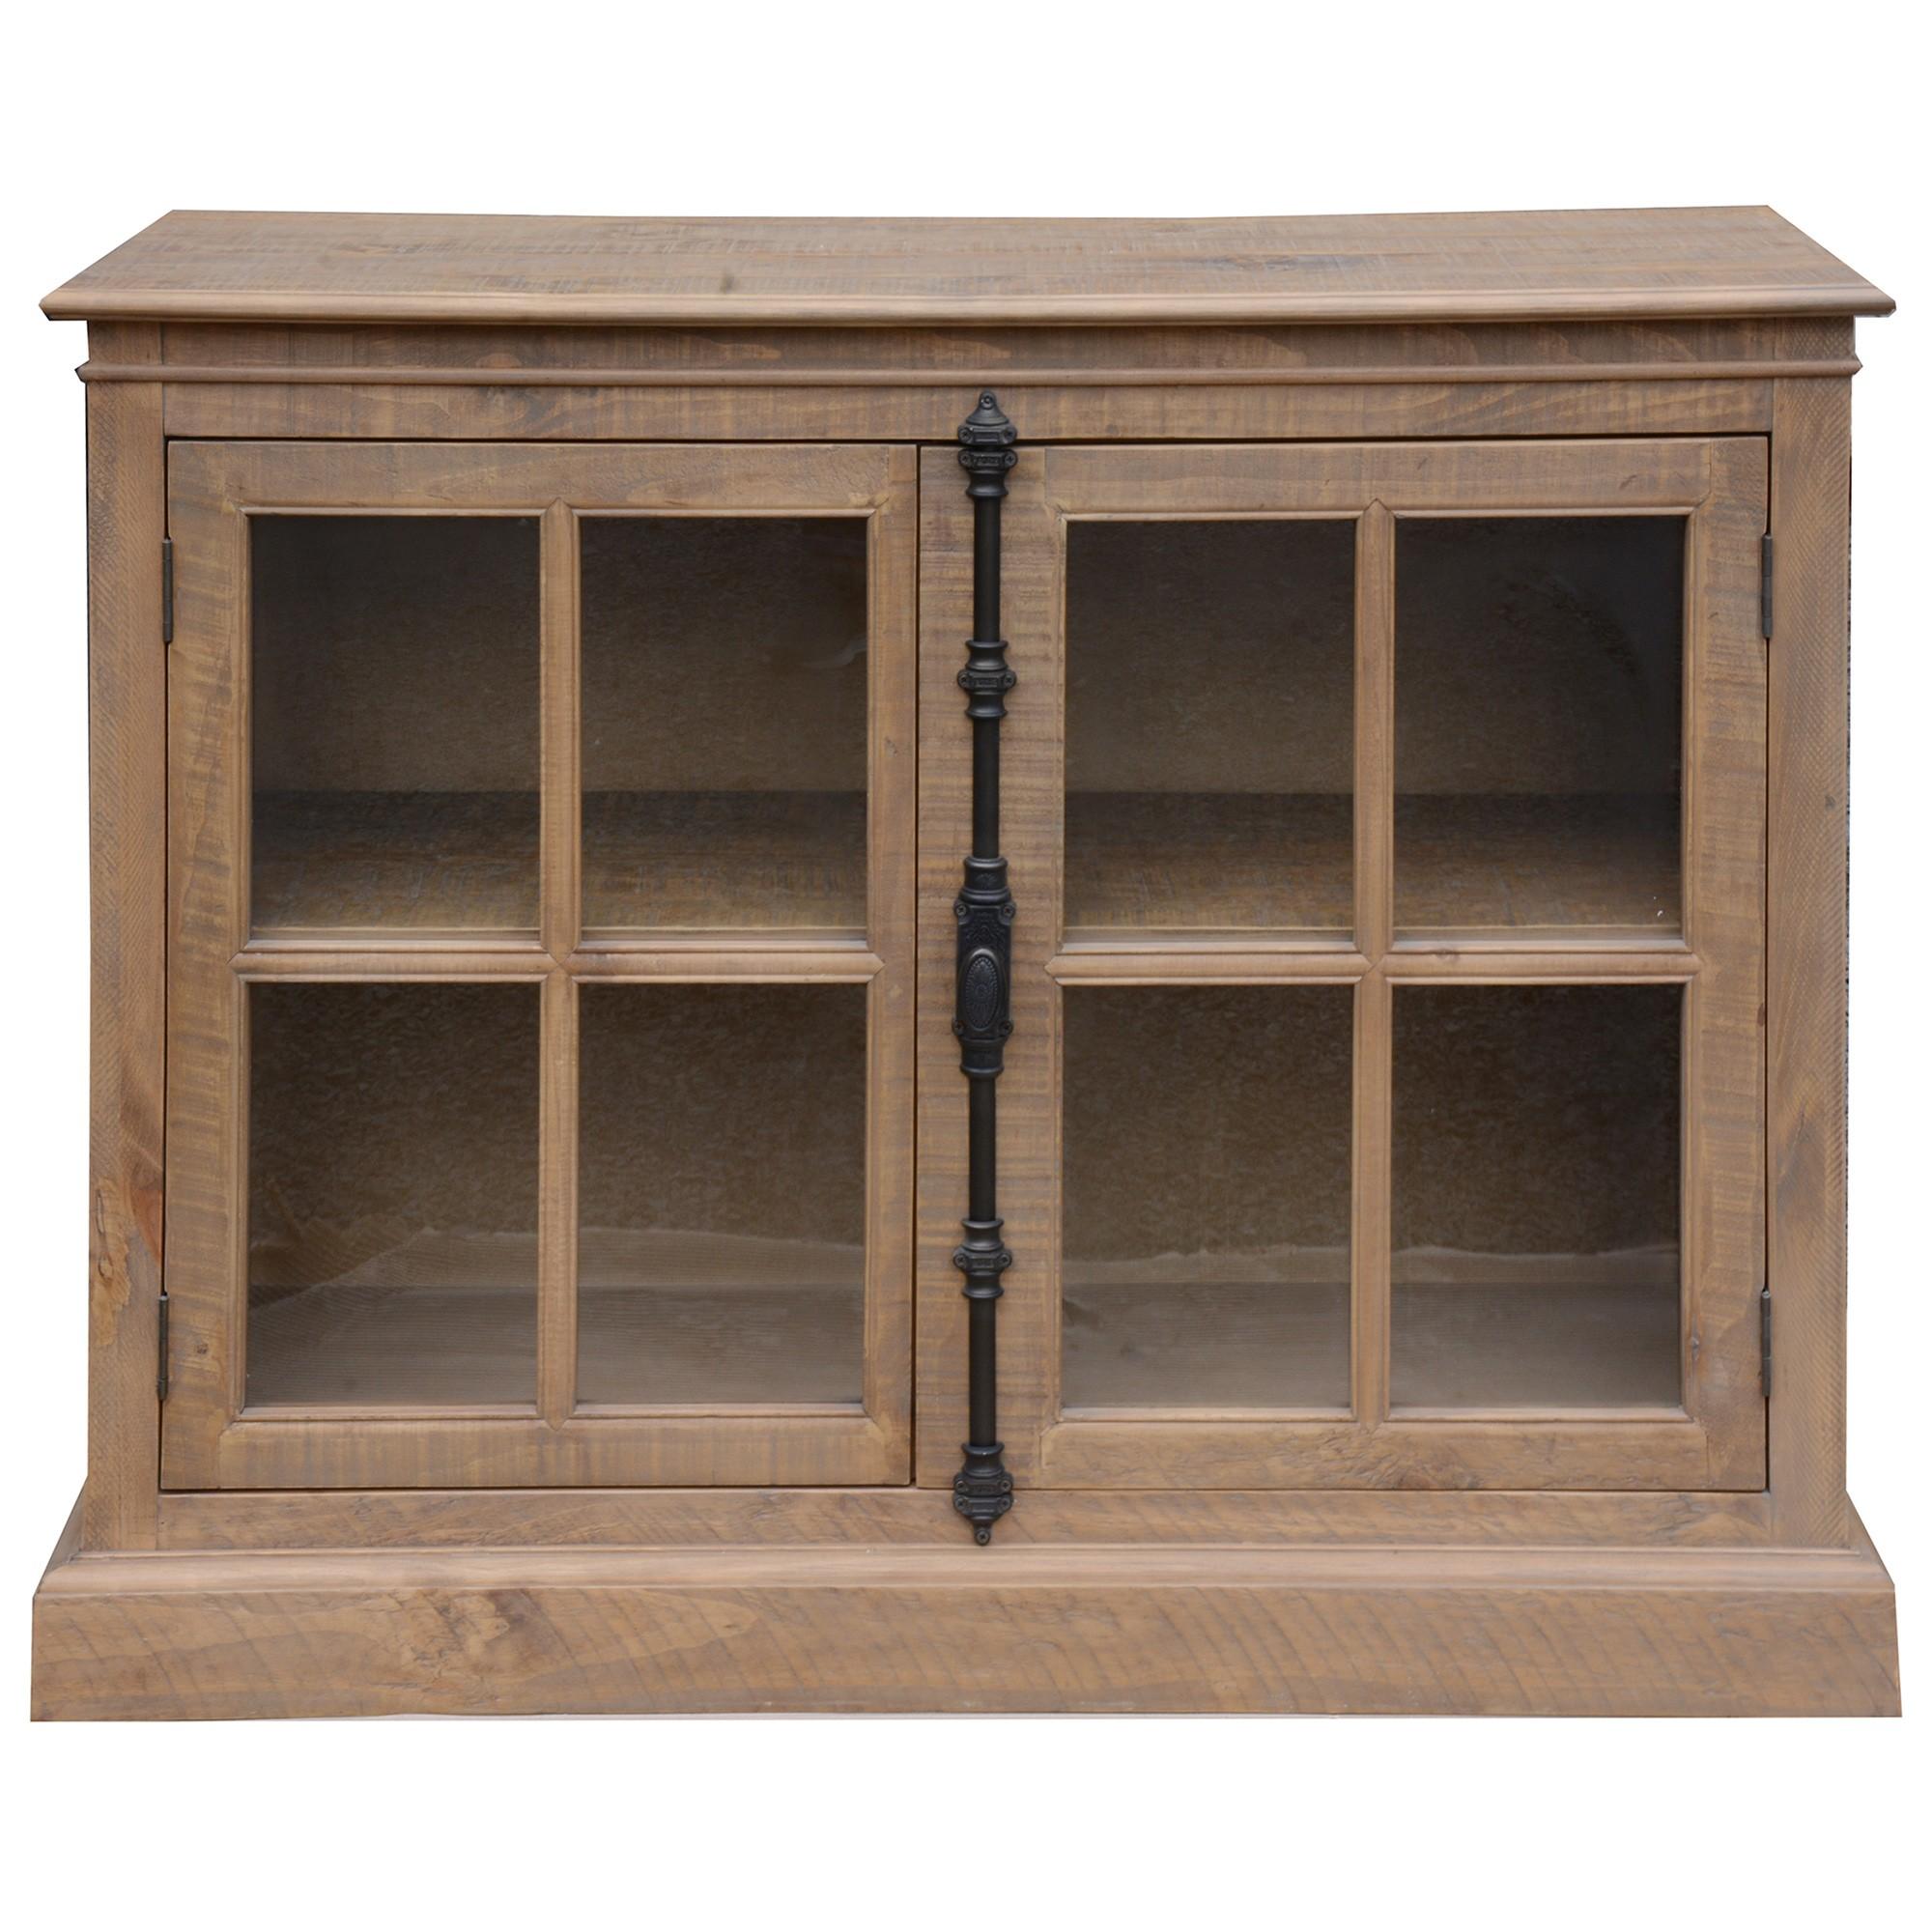 Cognac Pine Timber 2 Door Buffet Table, 116cm